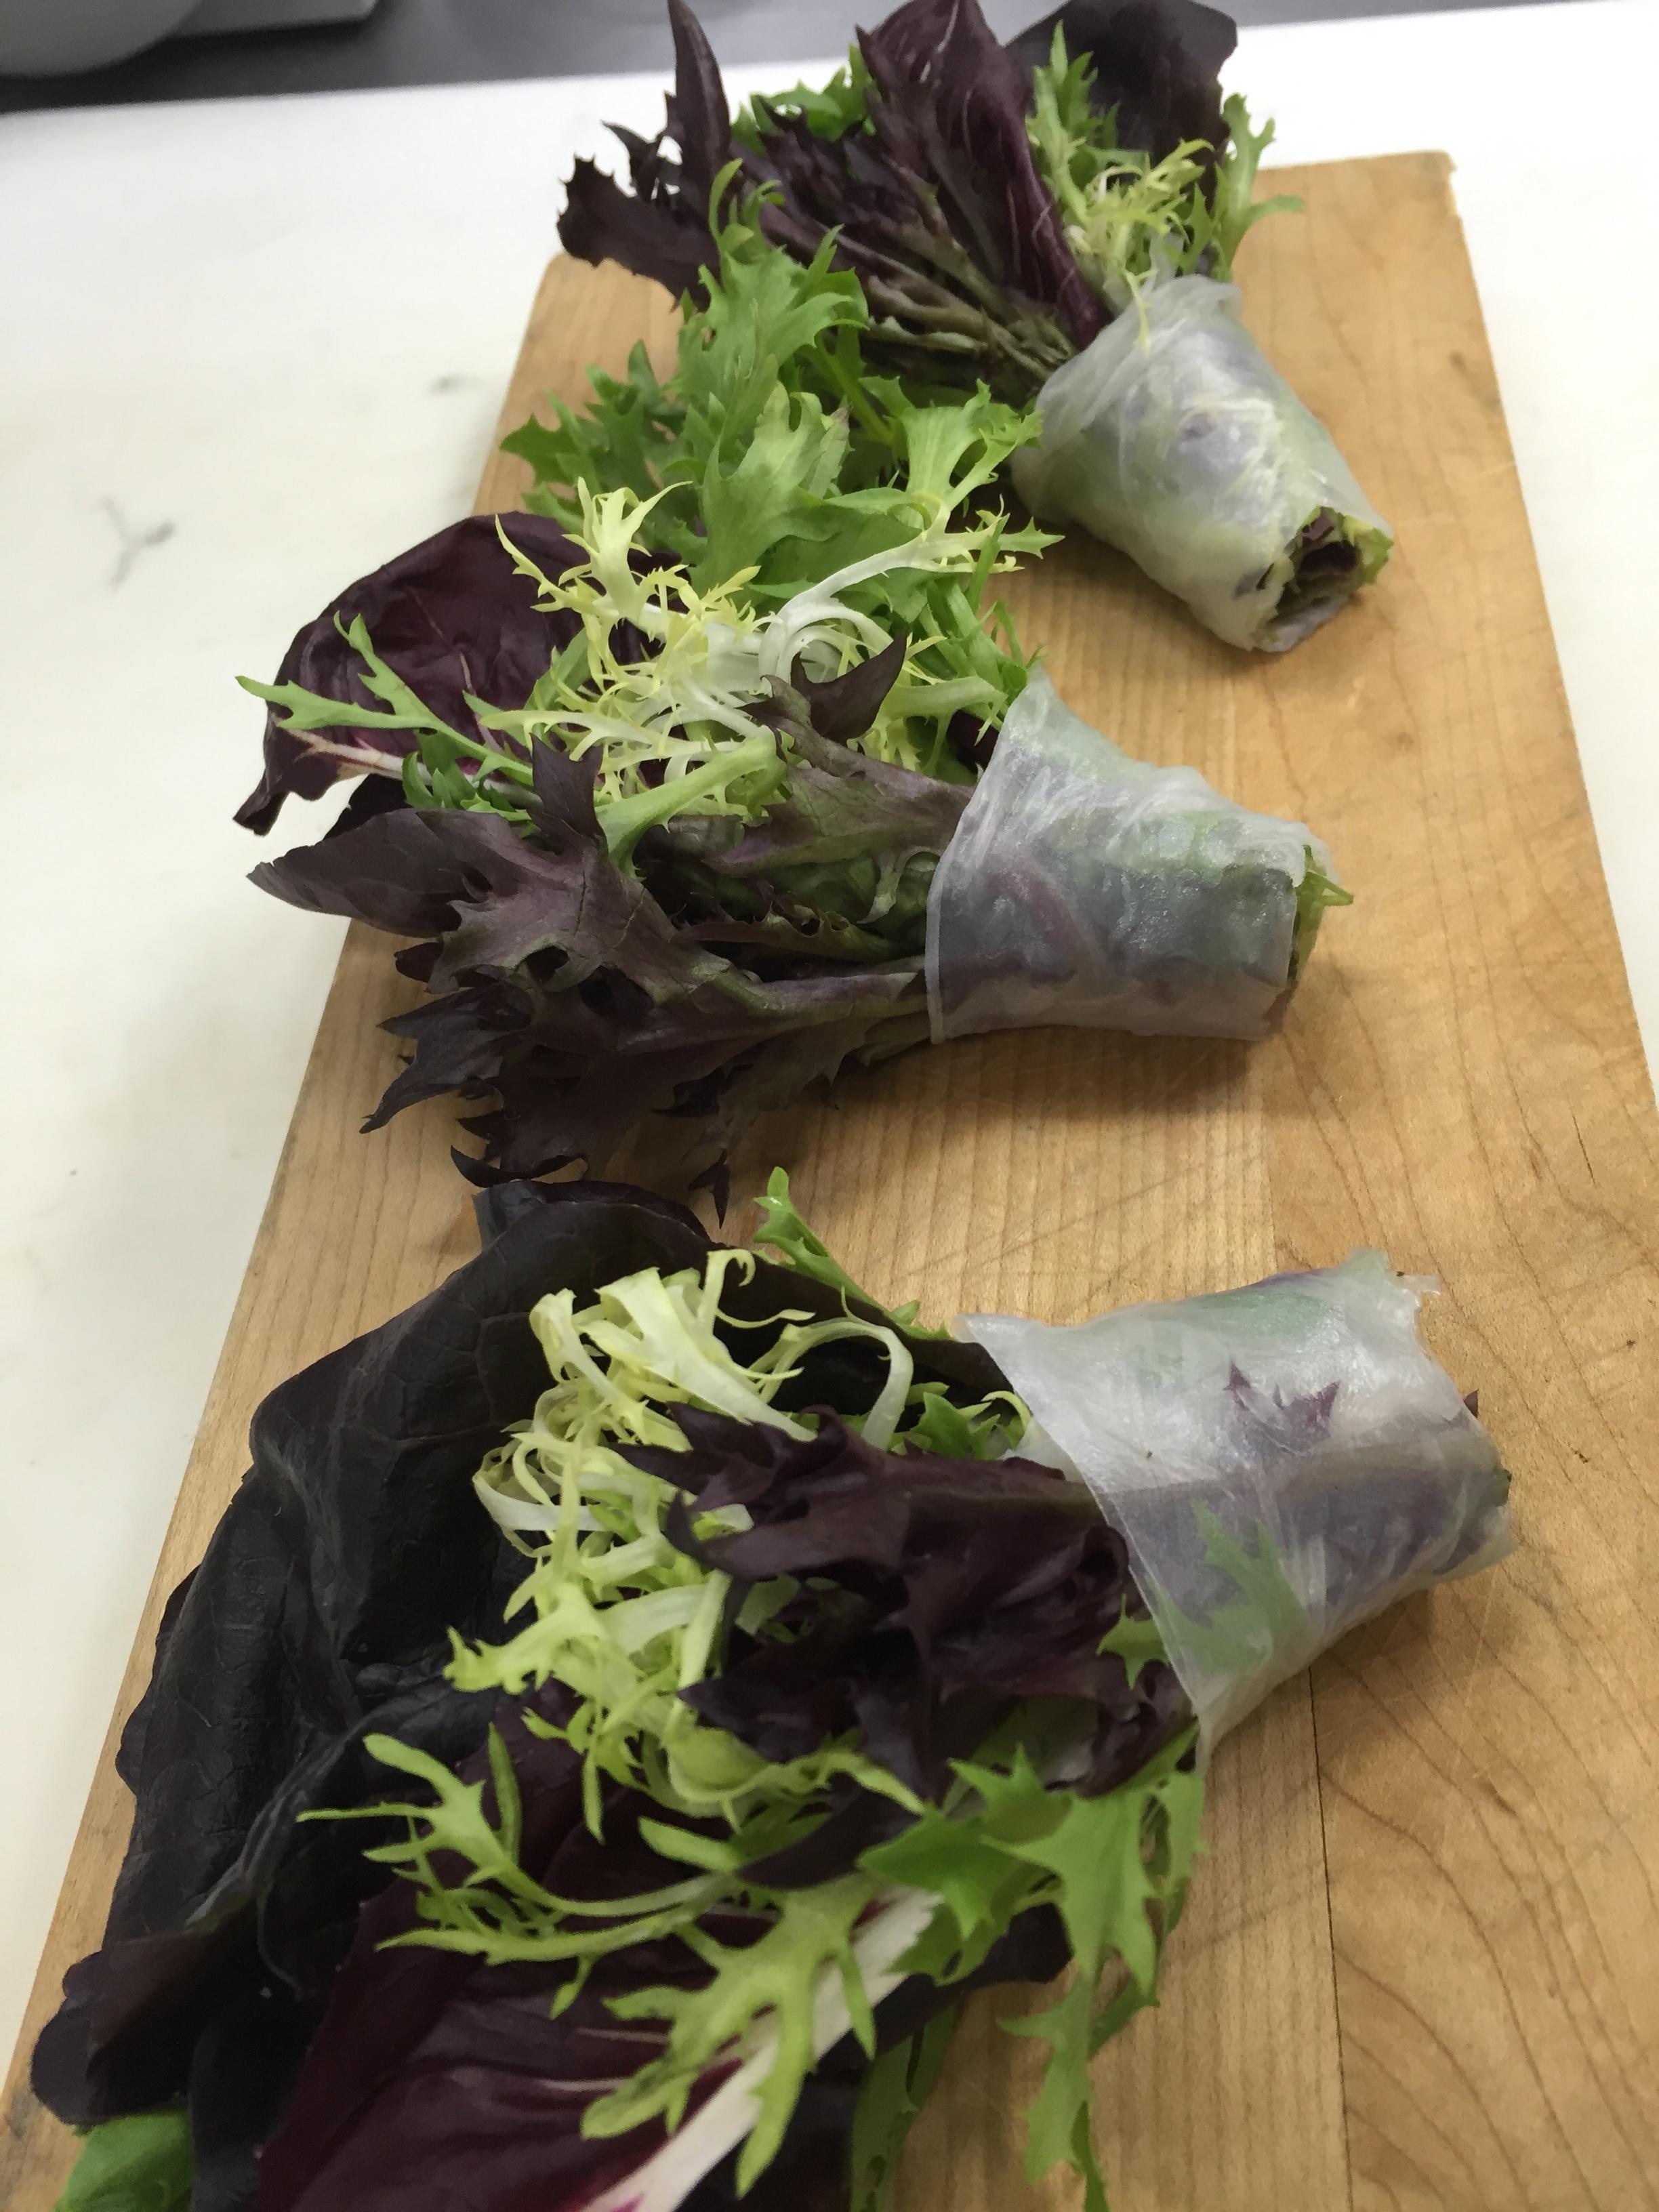 Hand Salads